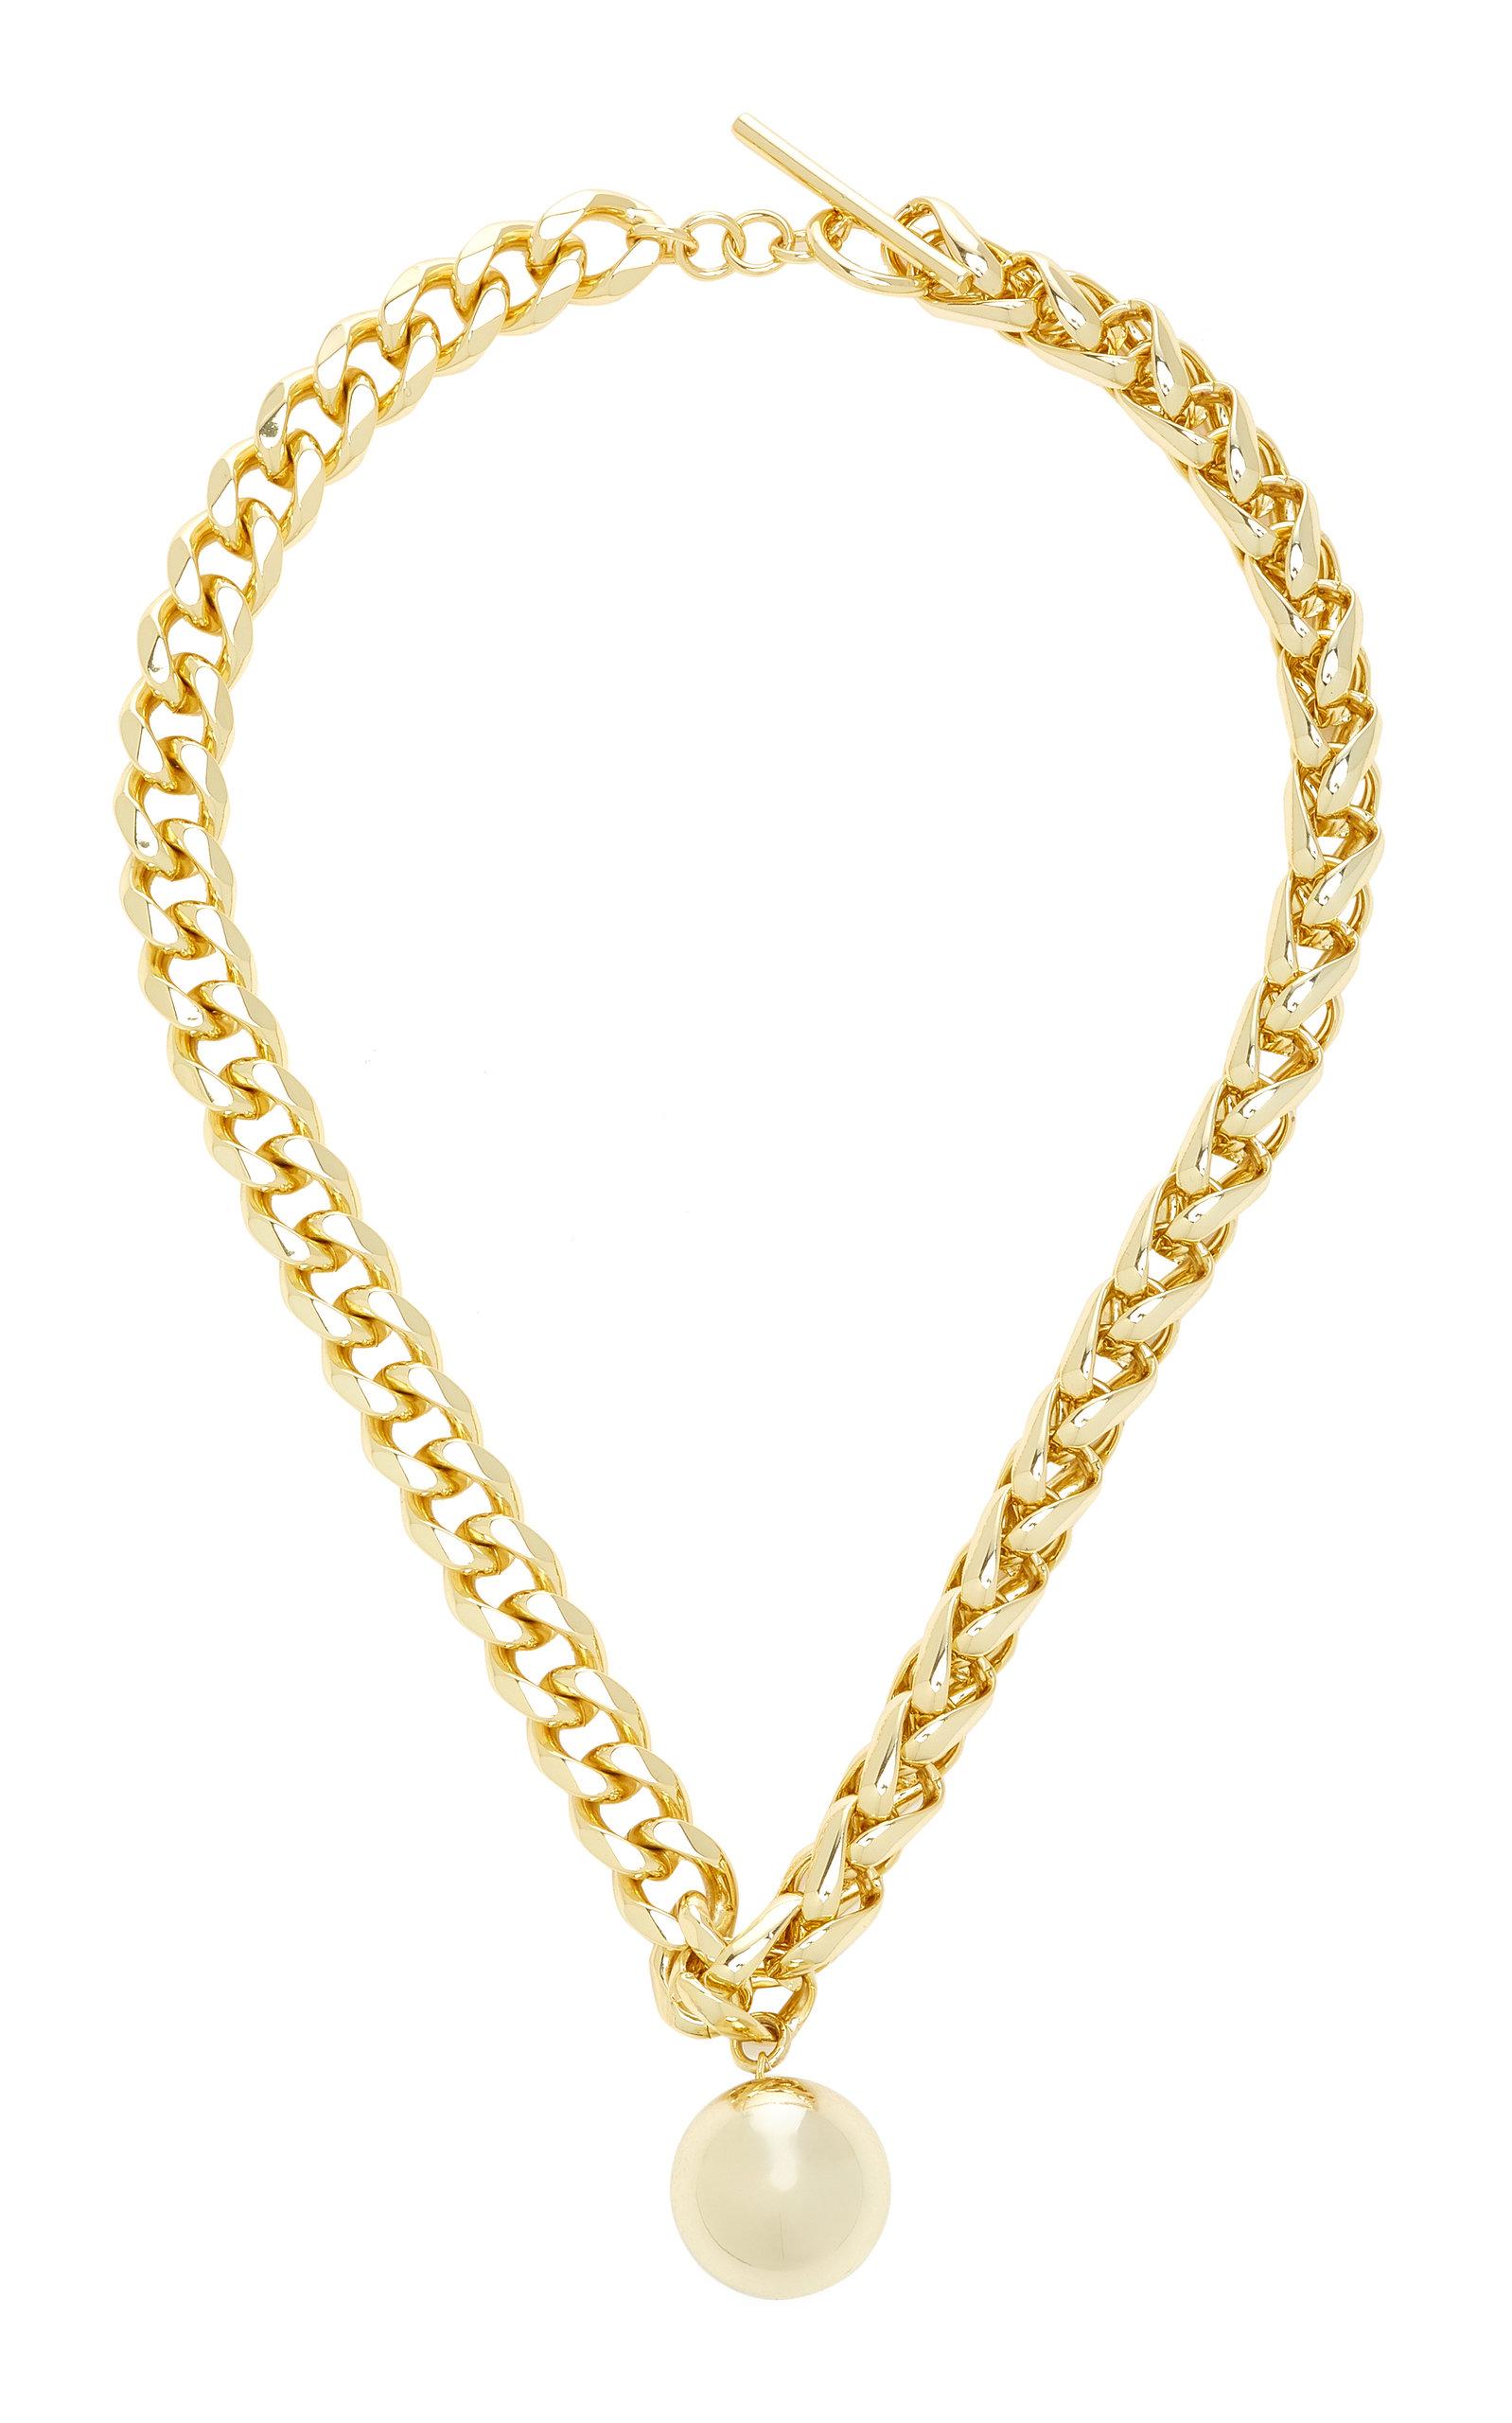 Emili - Women's Daphoni 18K Gold-Plated Necklace - Gold - Moda Operandi